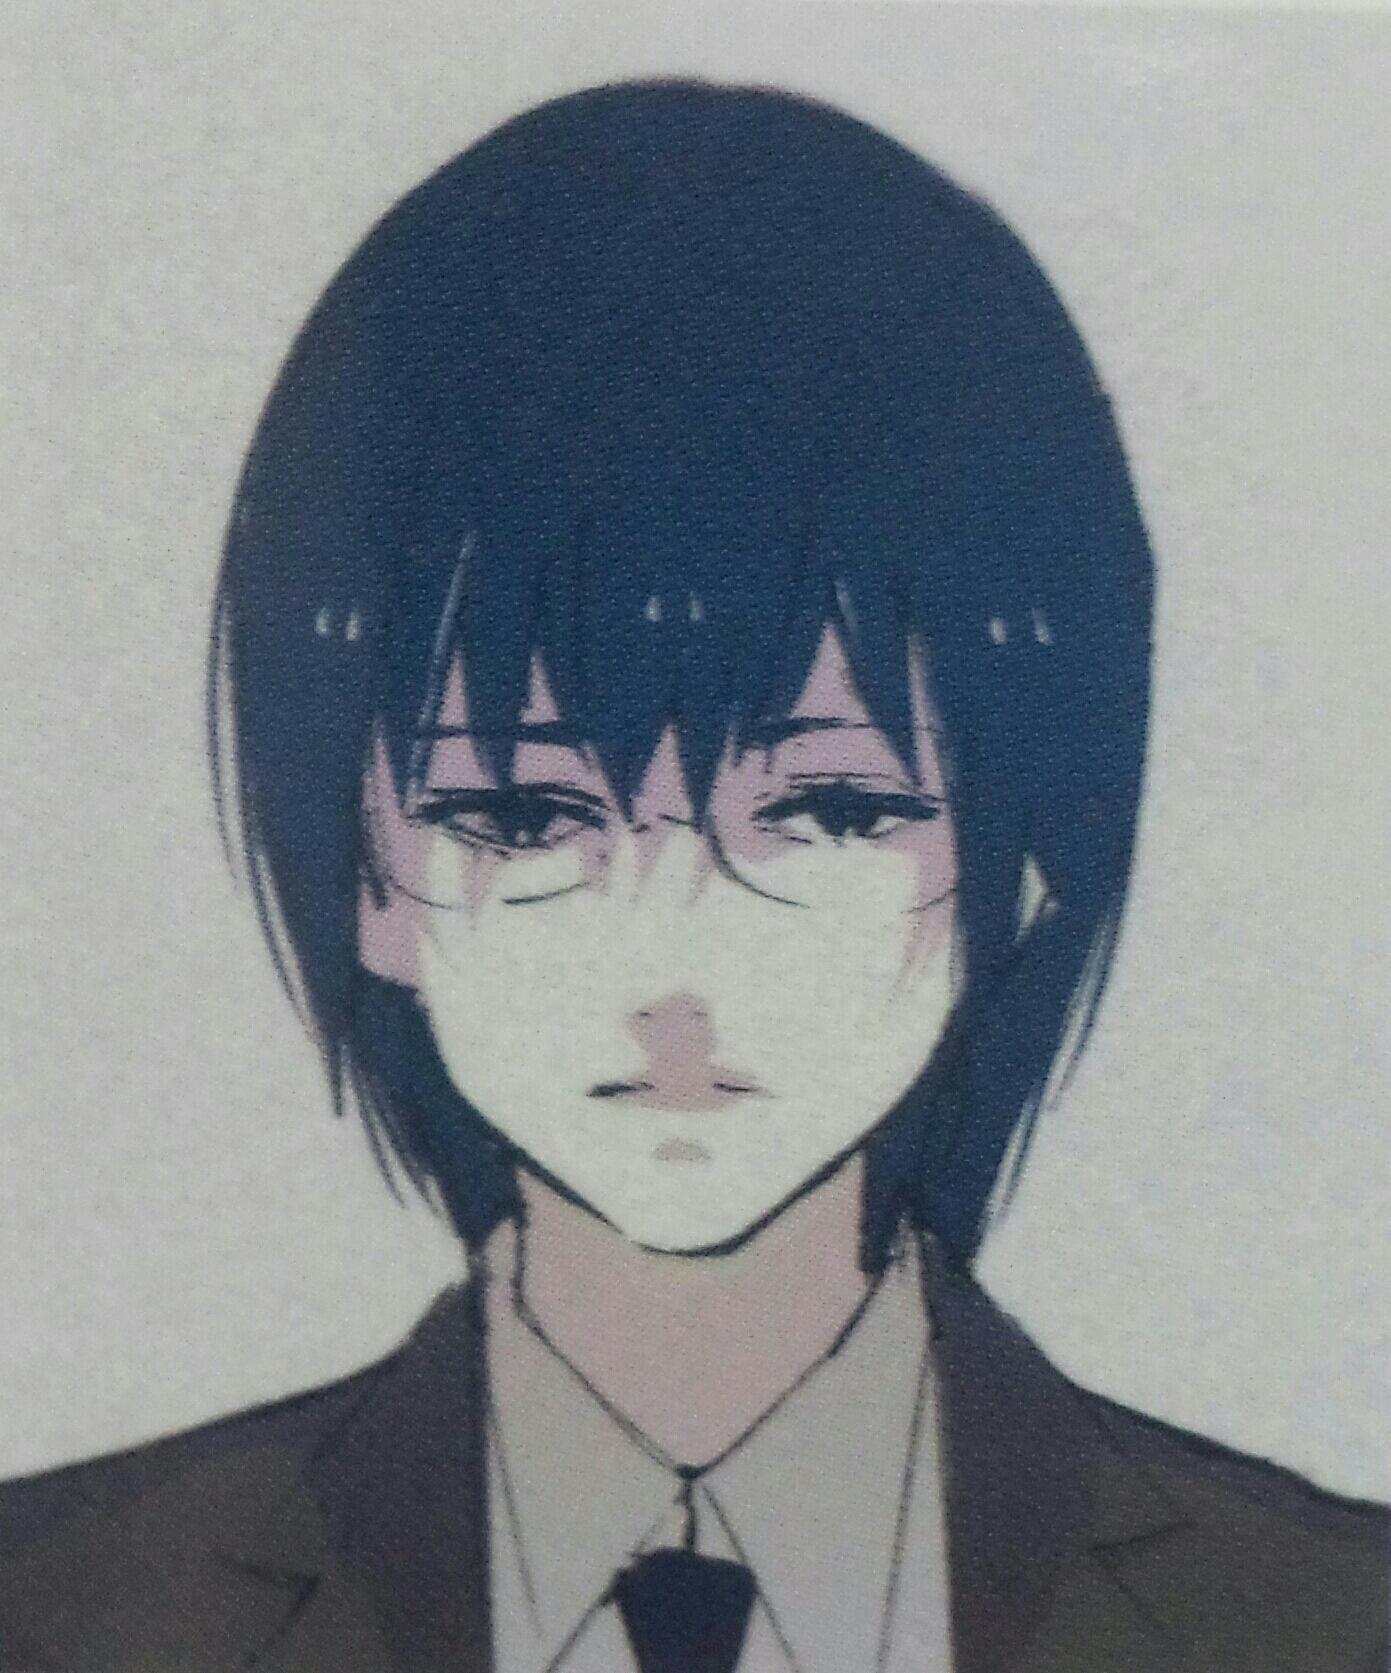 Image - Arima Profile In Re Vol 8.jpg